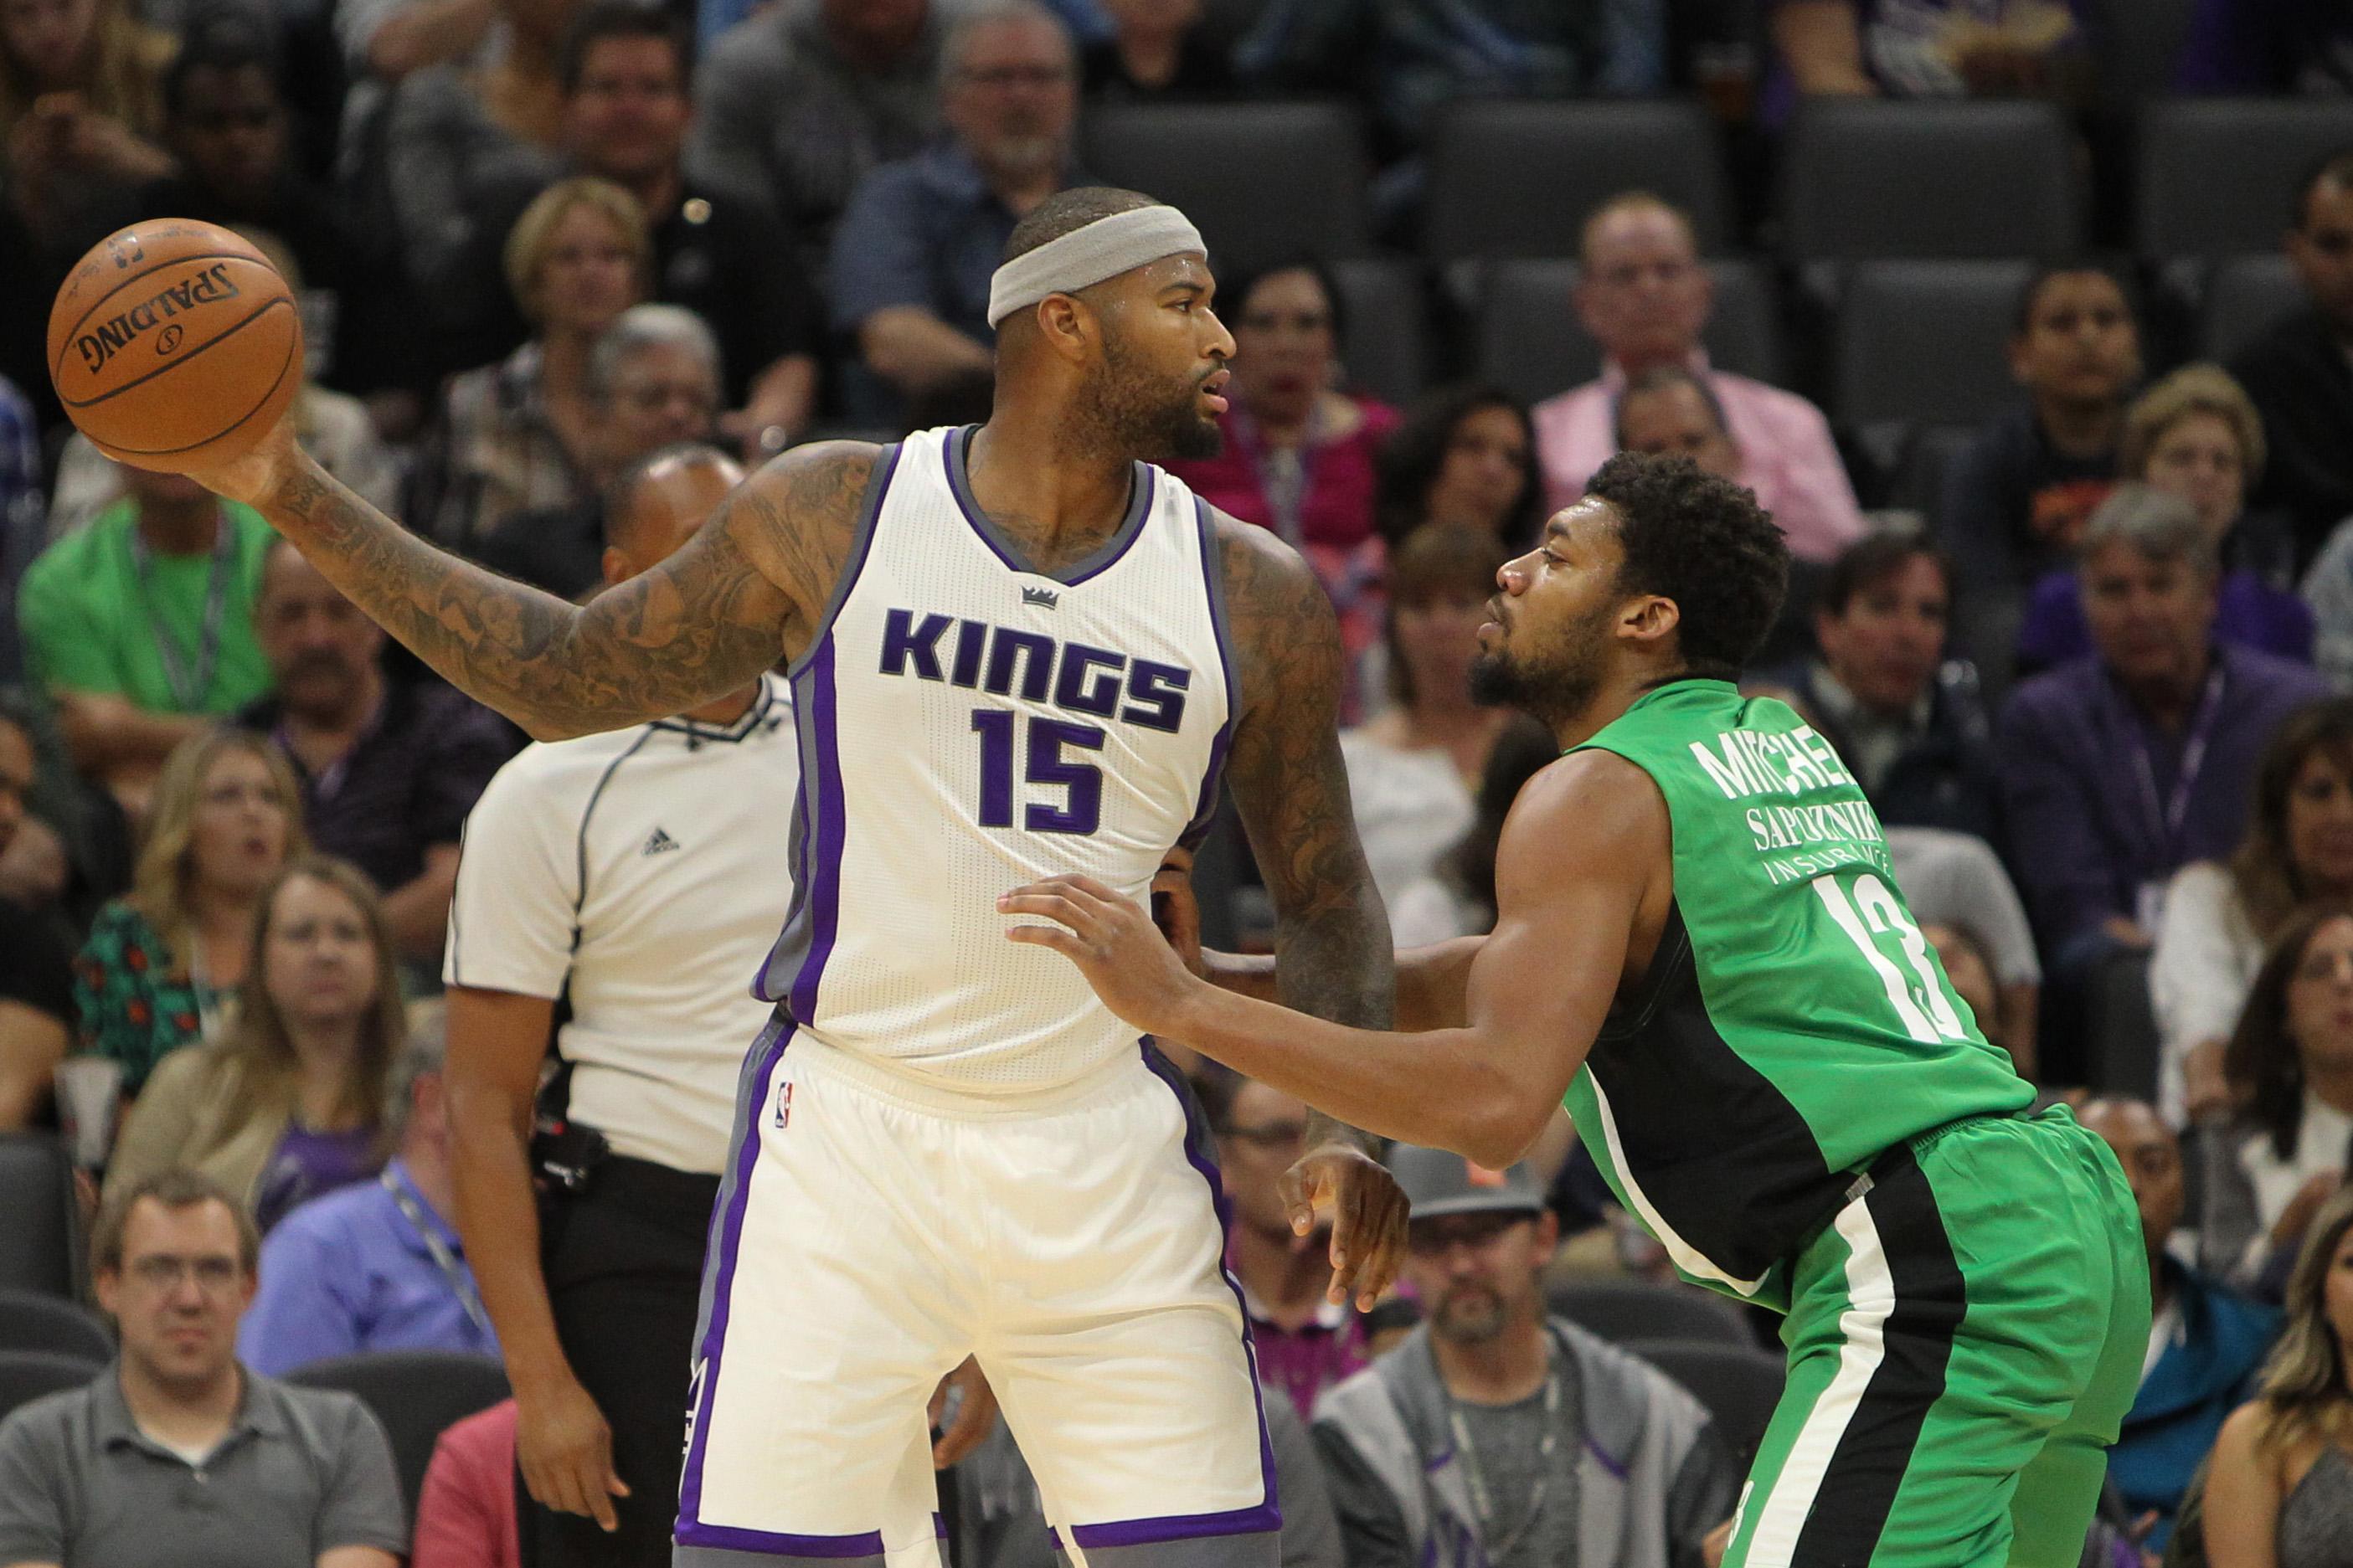 NBA: Preseason-Maccabi Haifa B.C. at Sacramento Kings